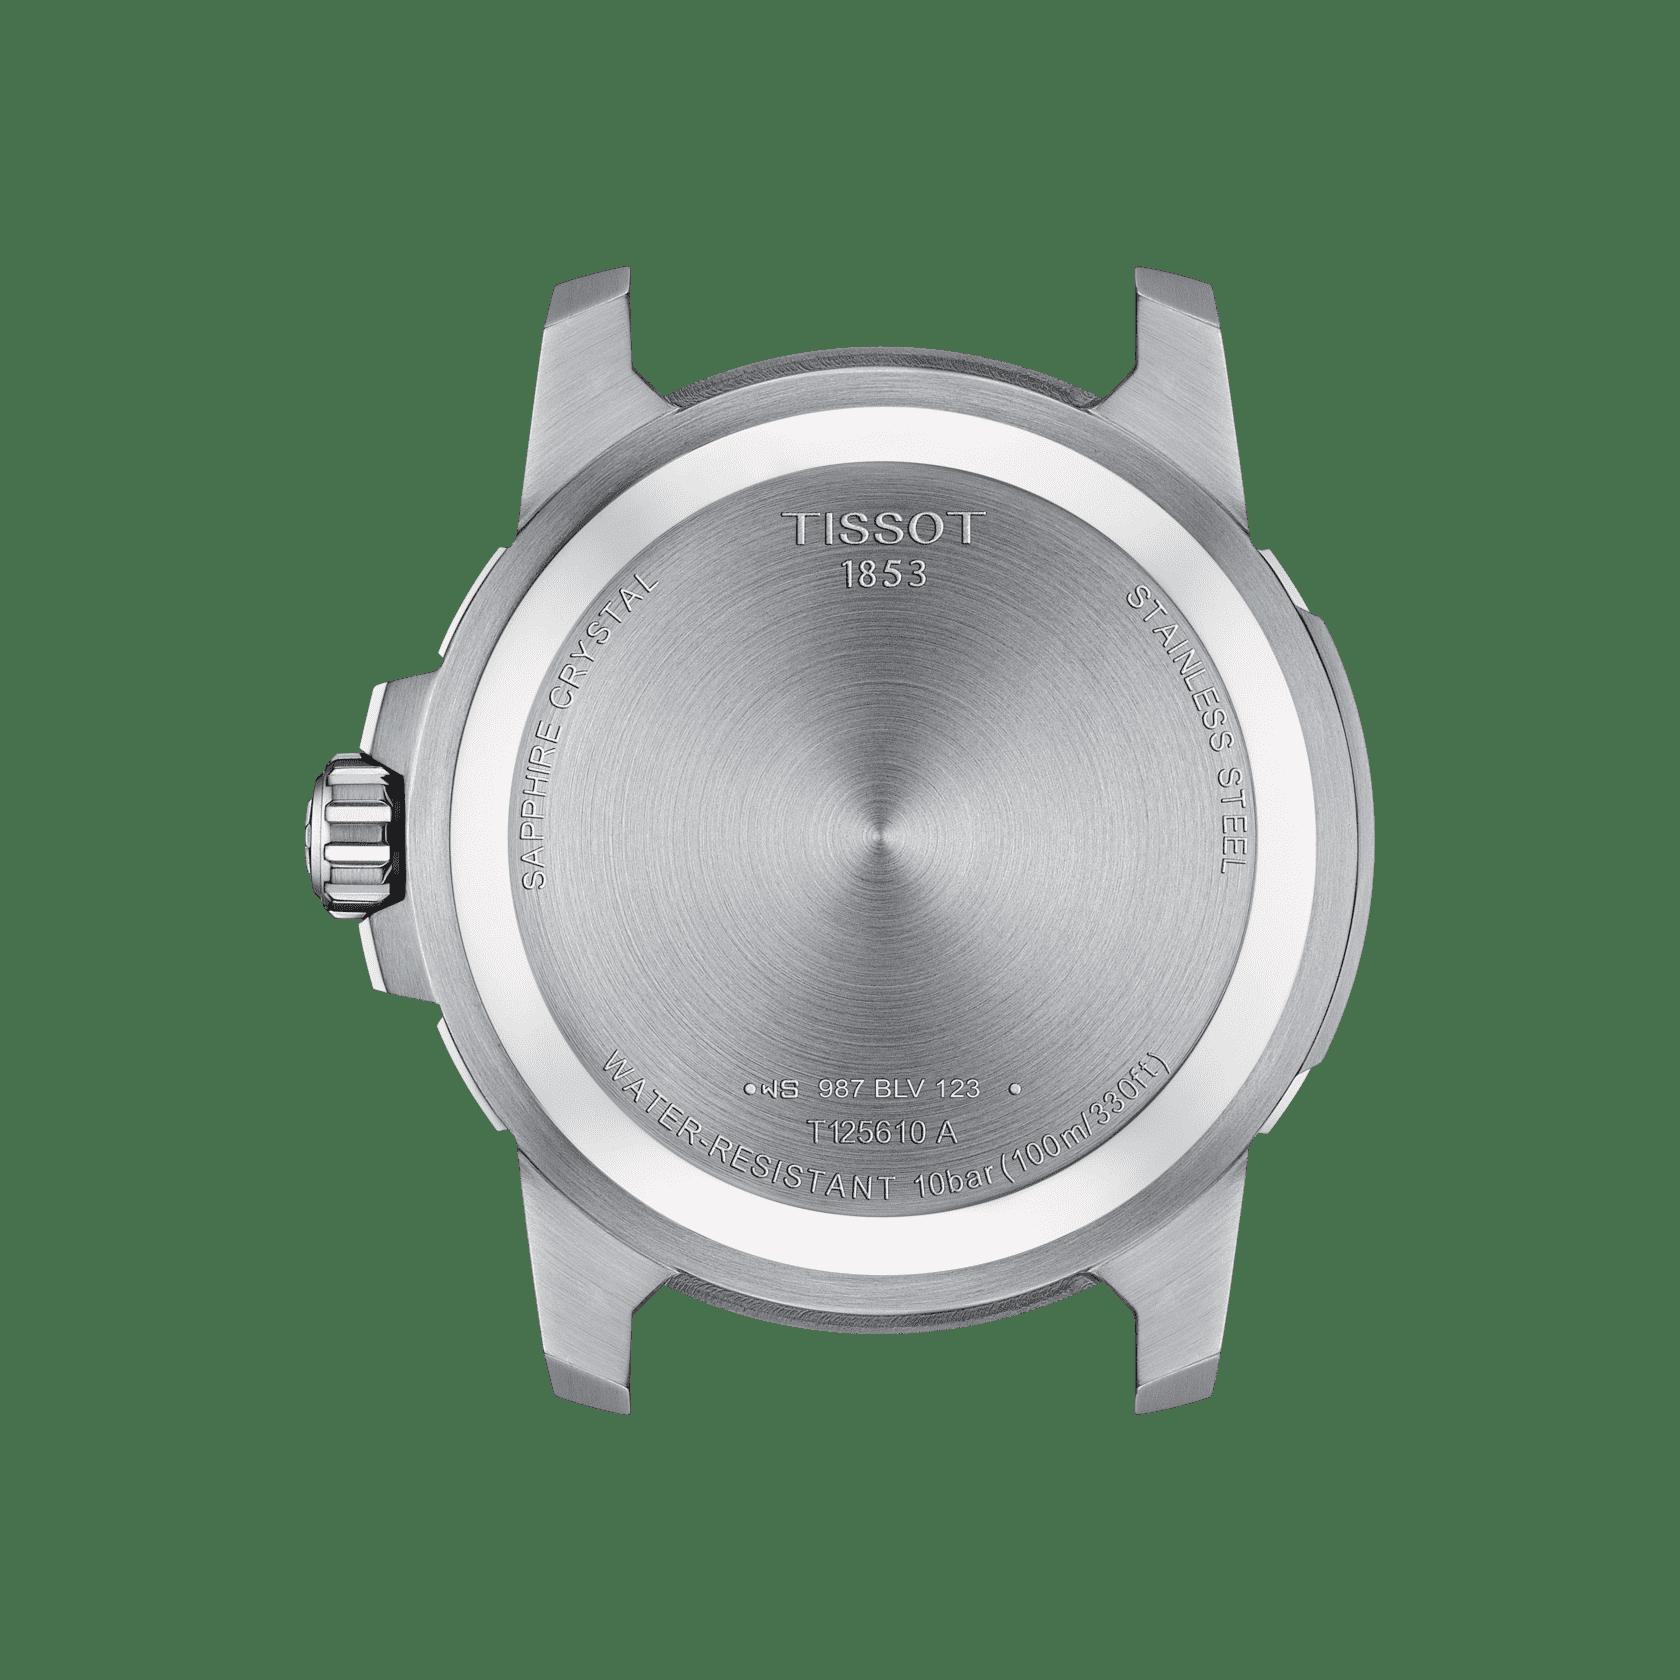 Tissot Supersport Steel Black Dial 44mm T125.610.11.051.00 Caseback